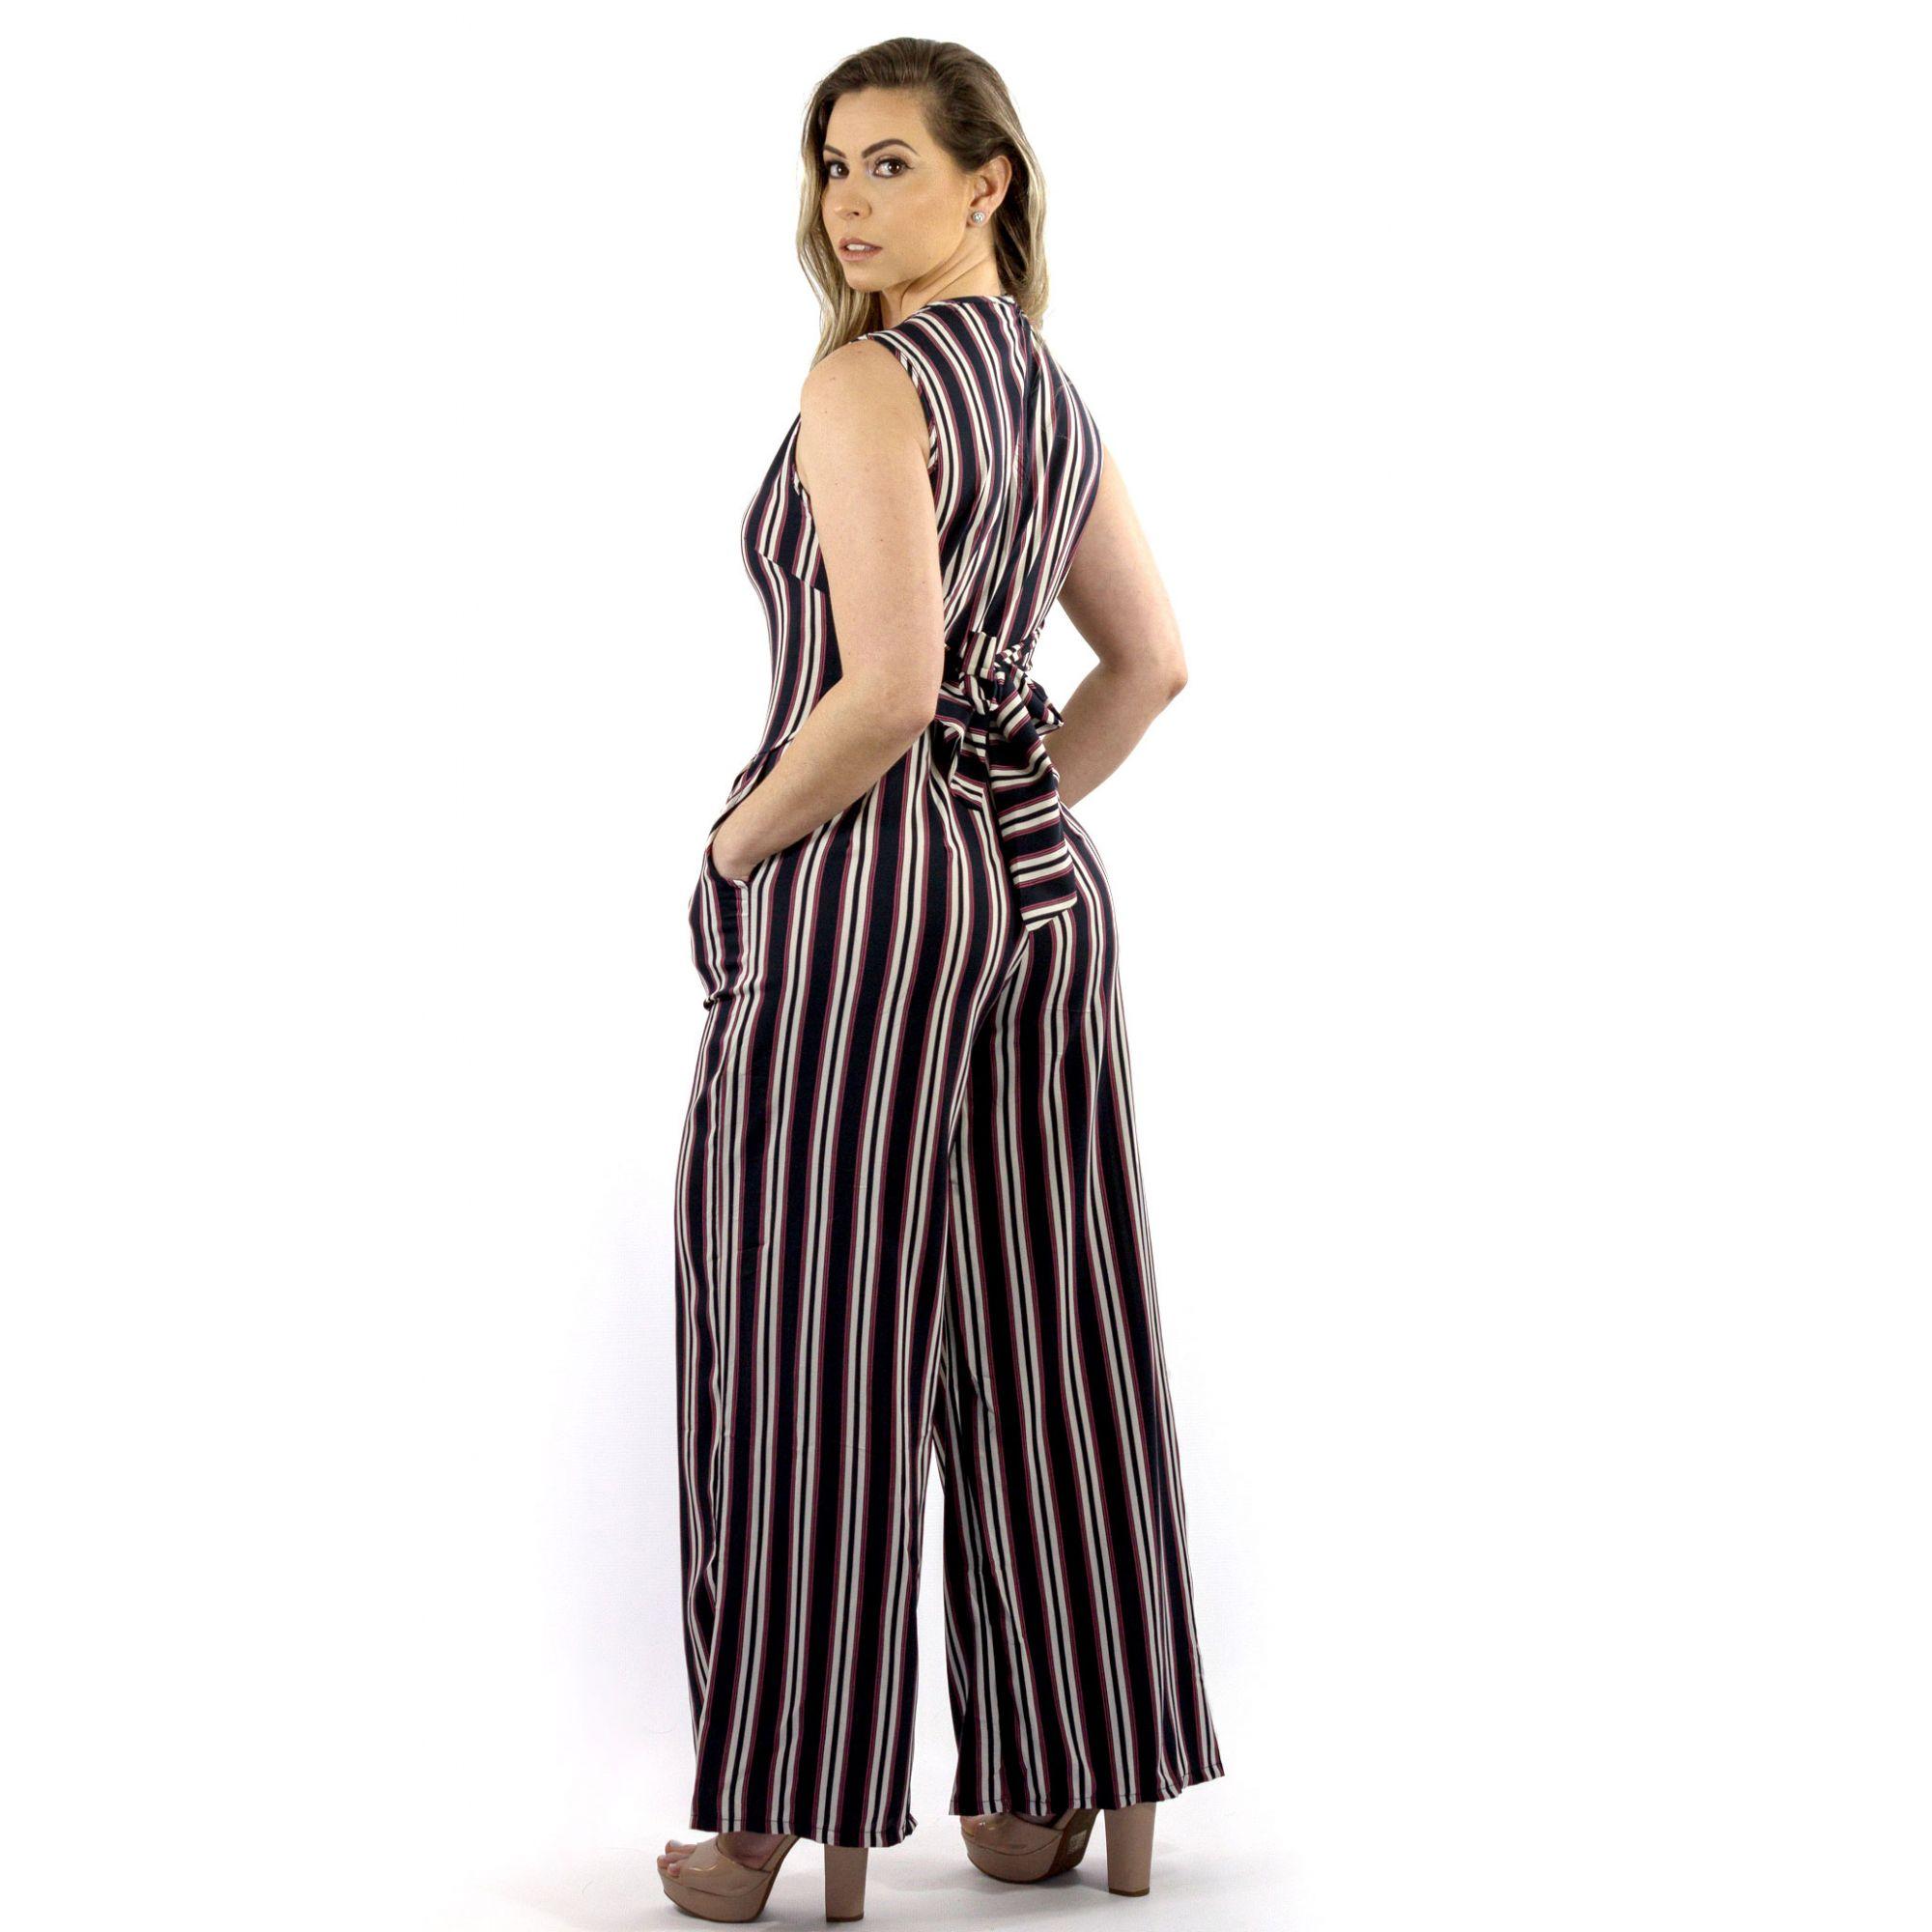 337305091 NotoriaStore: Moda Feminina Florianópolis - Online Macacão pantalona